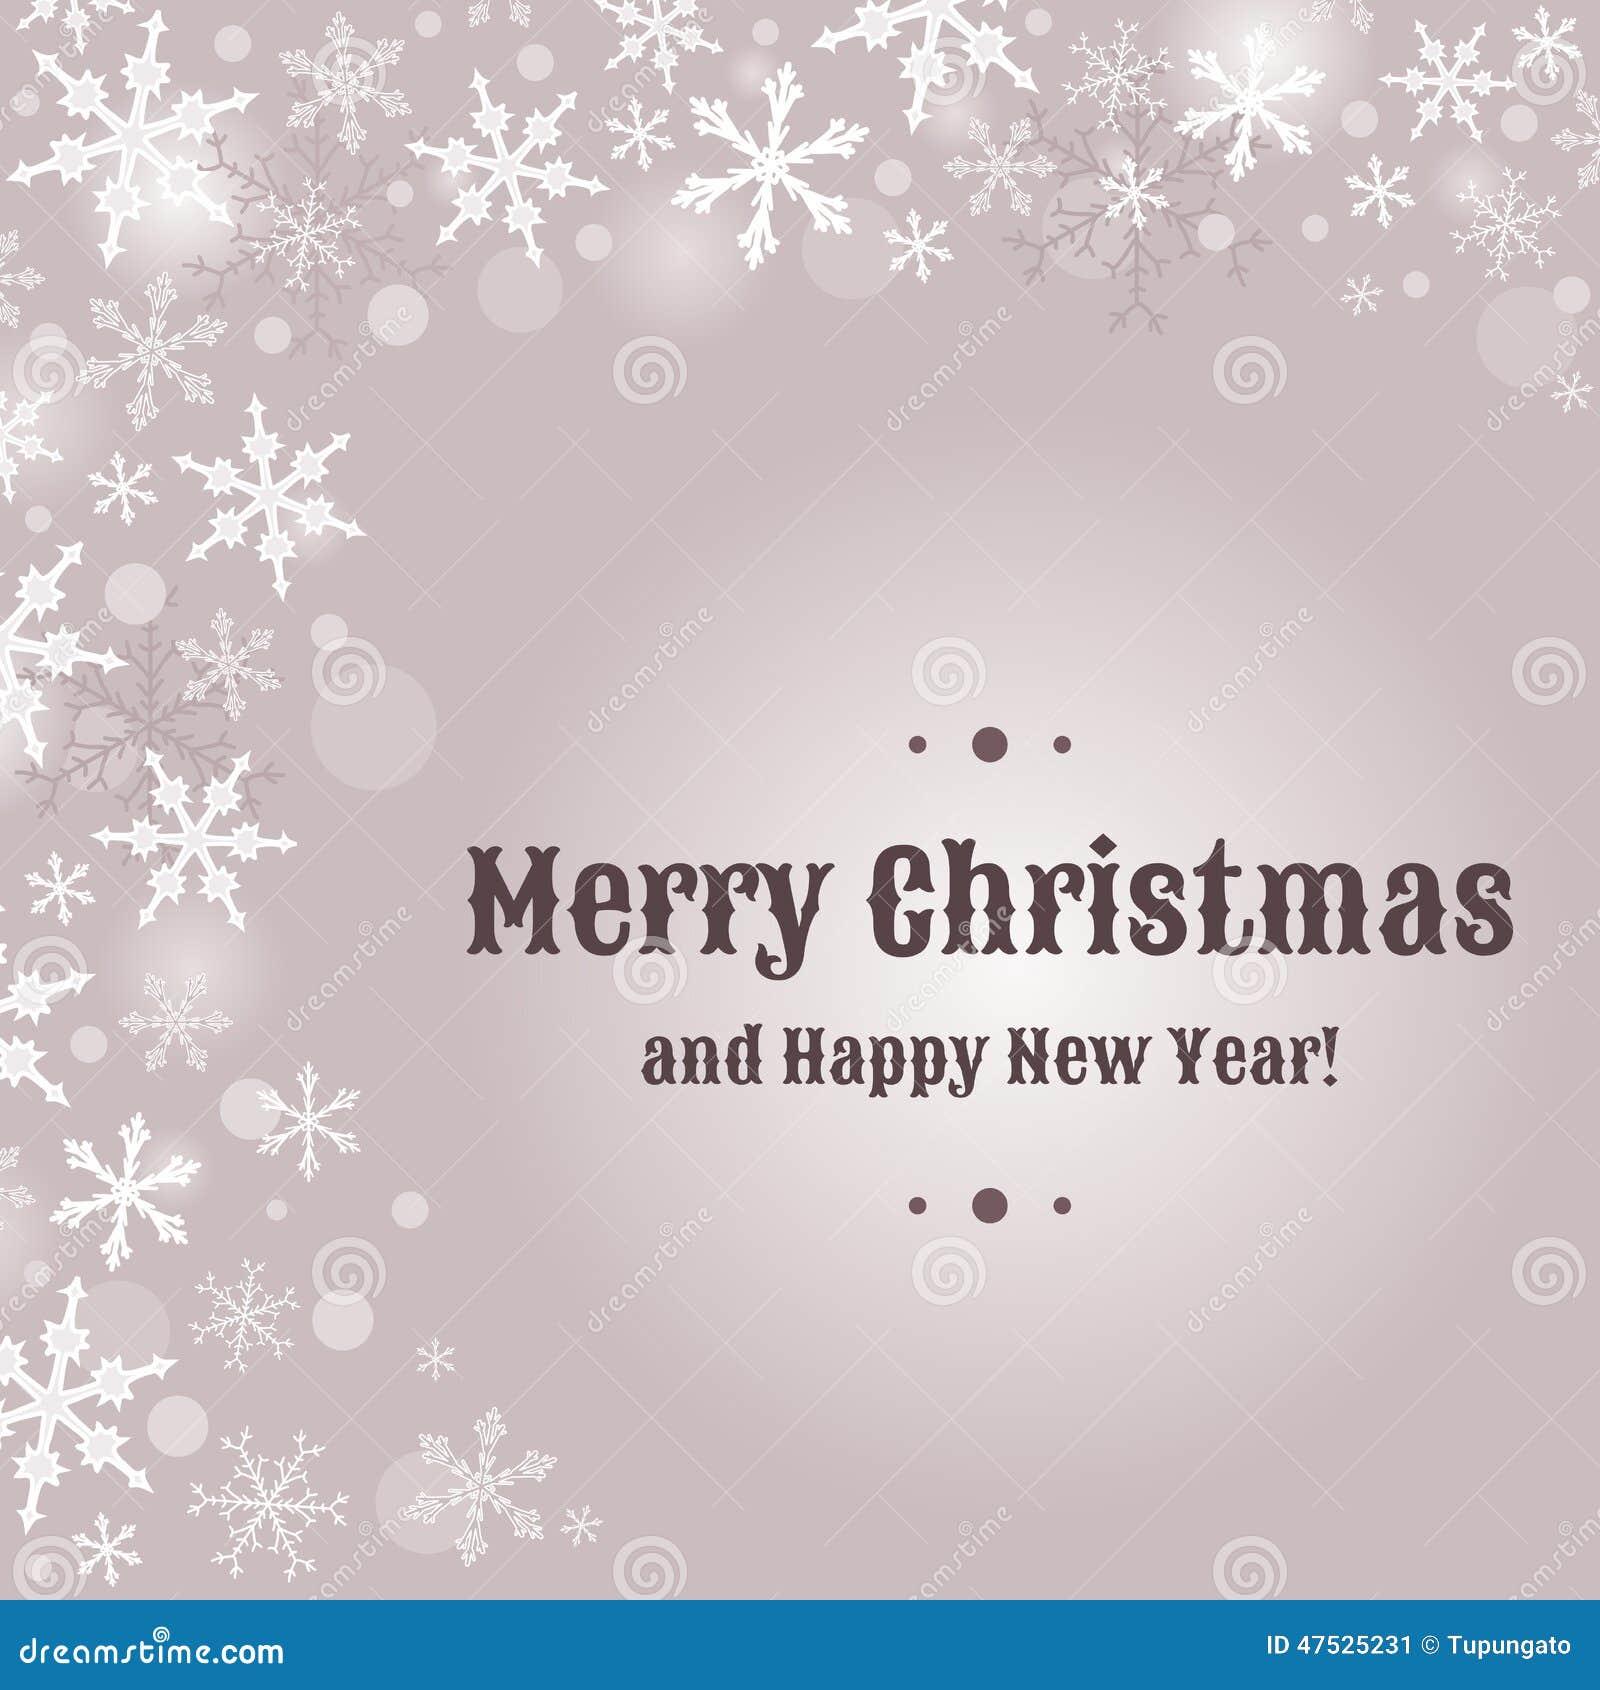 christmas wish sample – Sample of Christmas Wishes